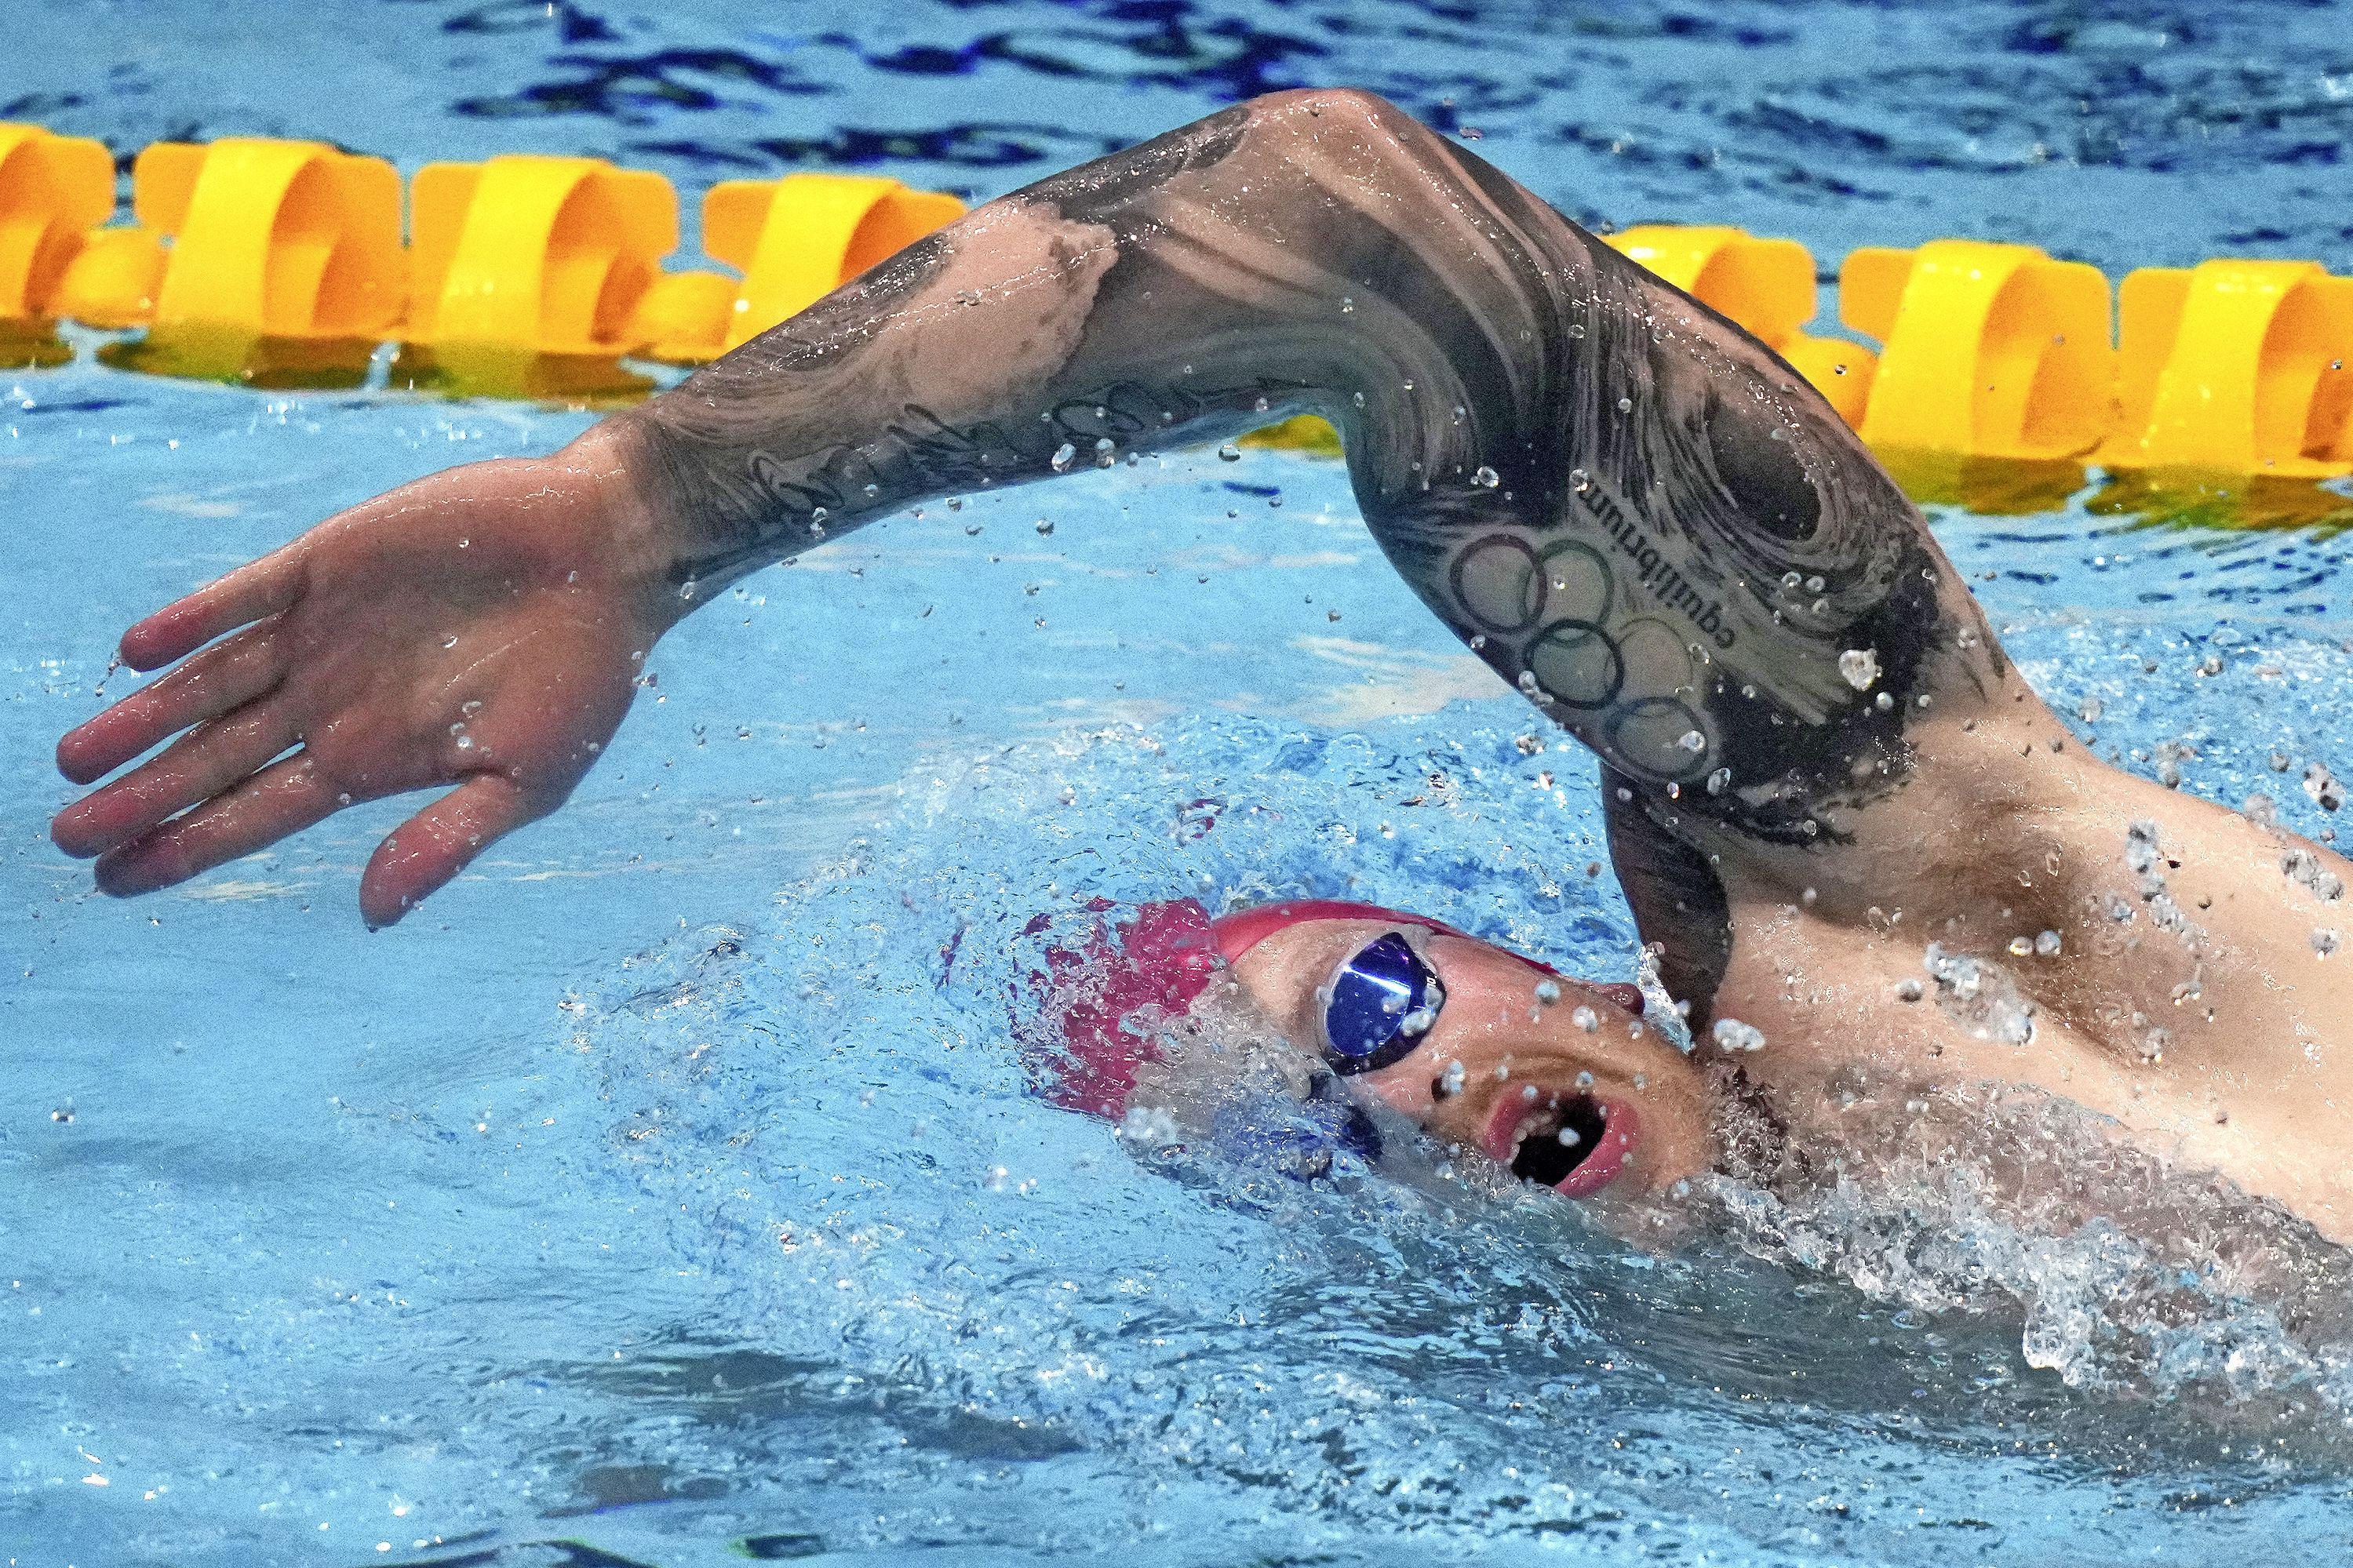 Voor Katwijkse zwemmer Kamminga zijn de Spelen een bonus